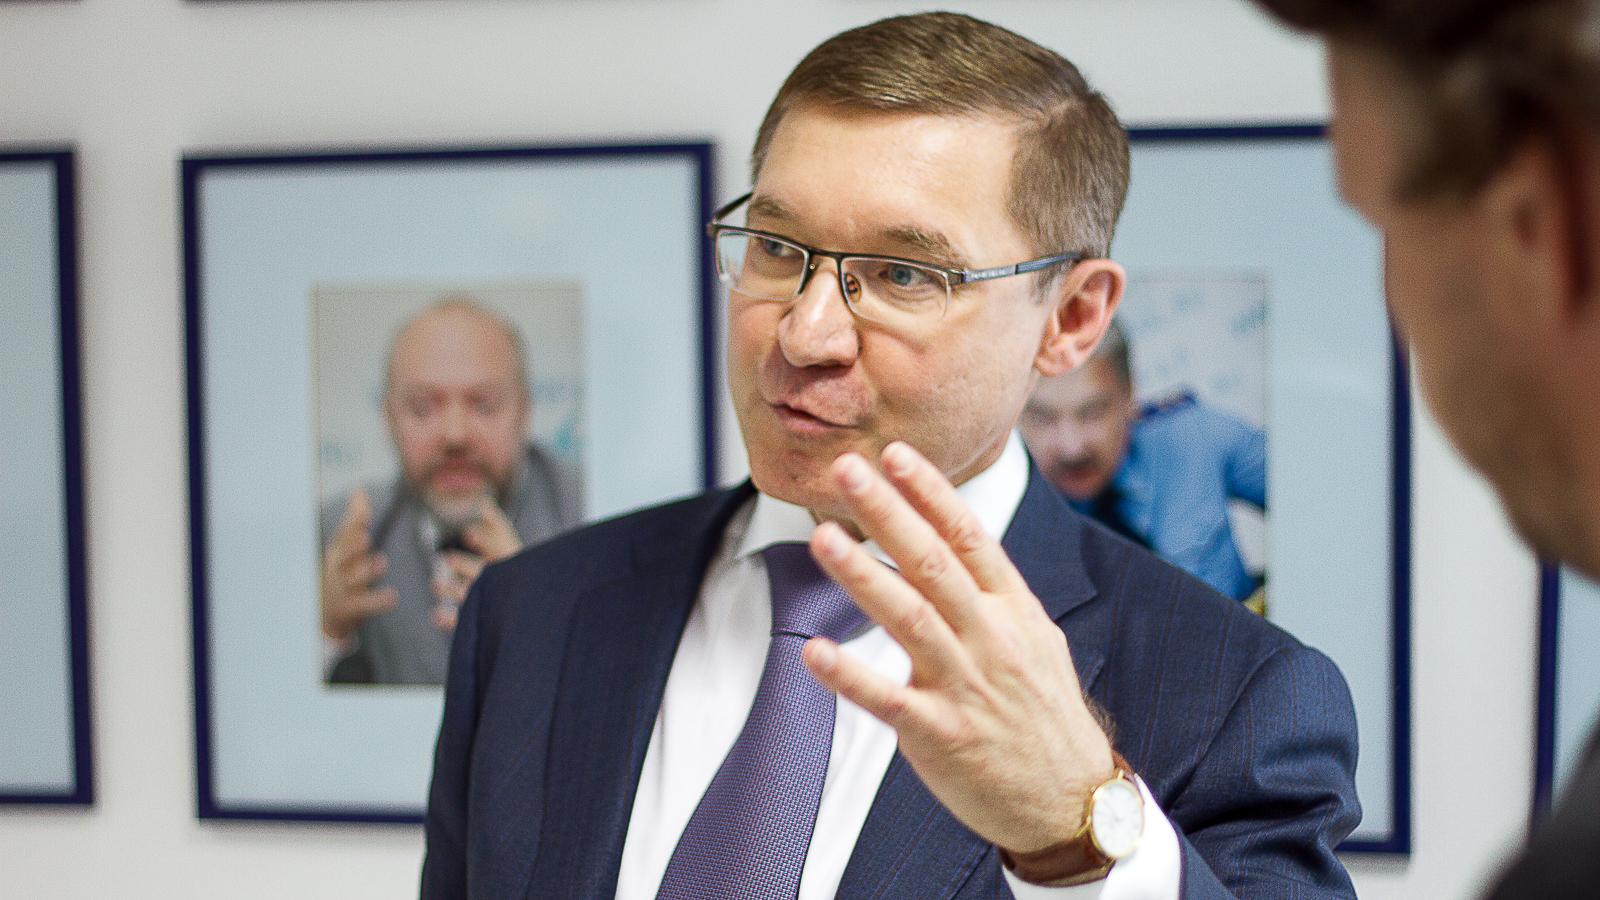 Фото: Игорь Черепанов, РБК Екатеринбург